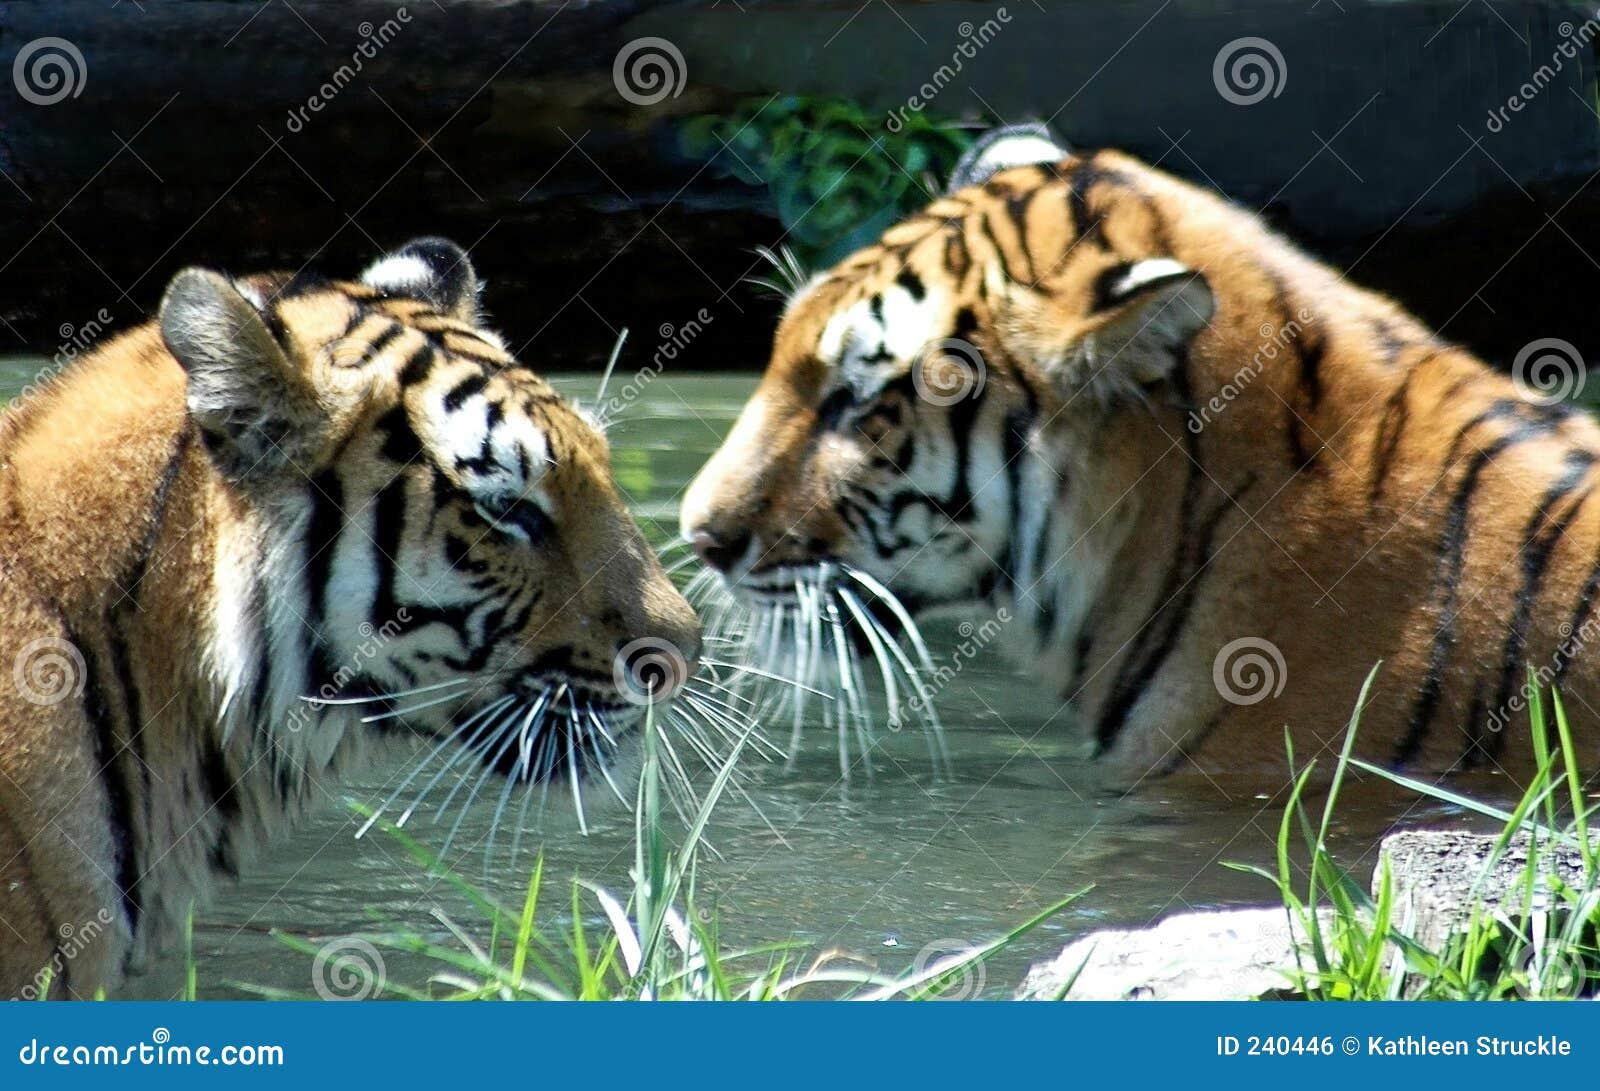 Tigers In Pool